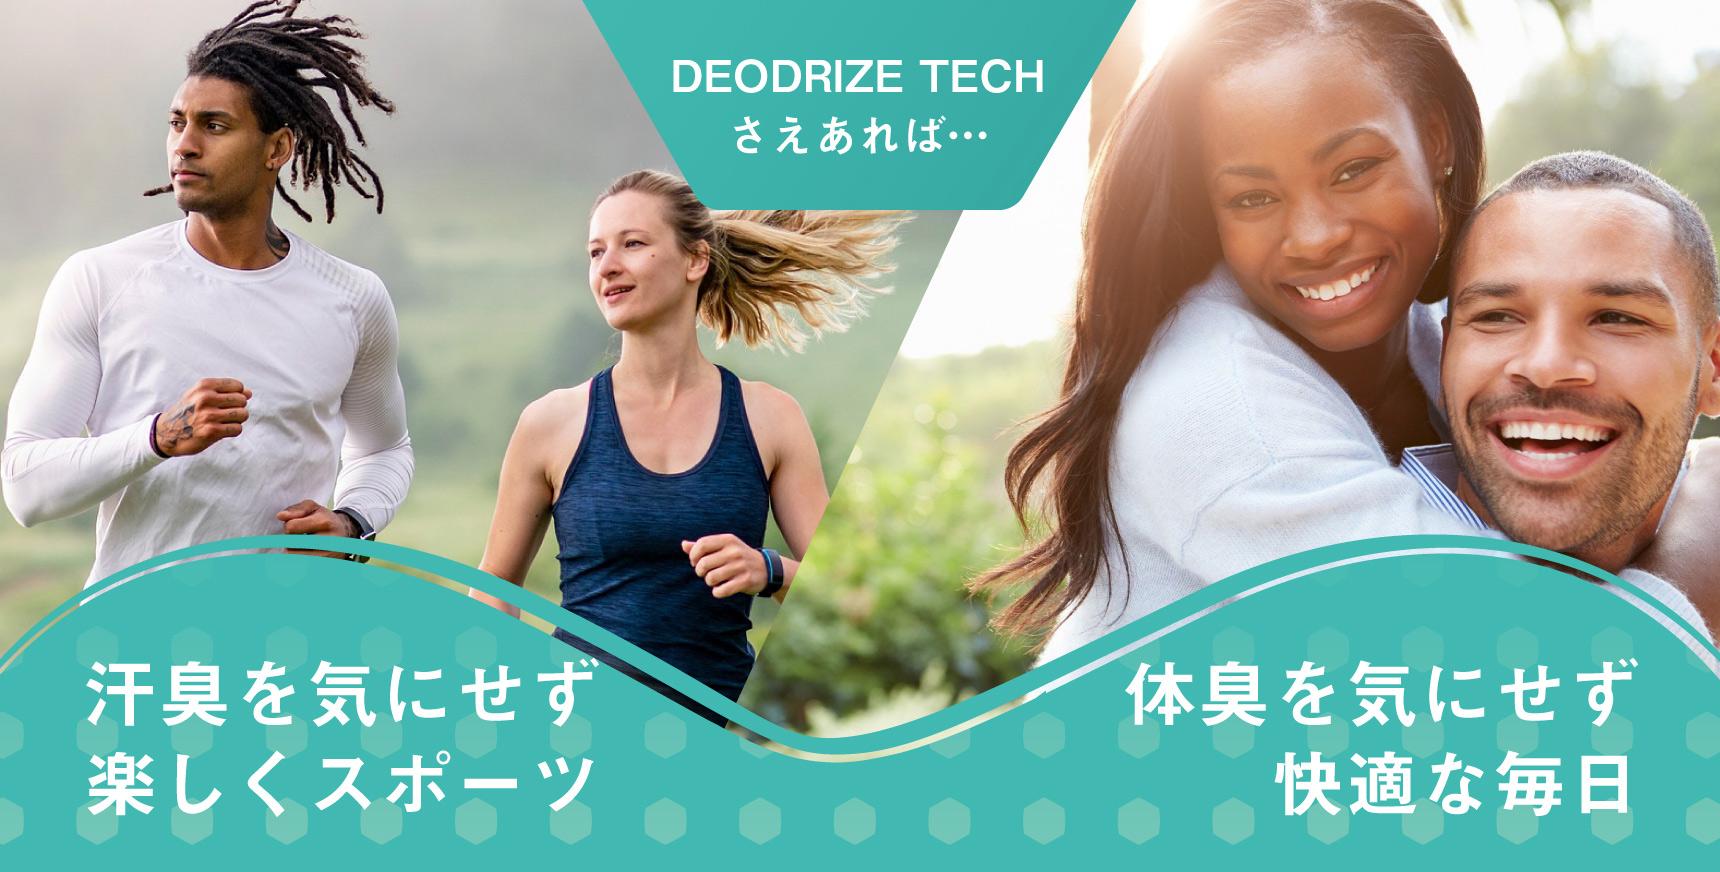 汗臭を気にせず楽しくスポーツ 体臭を気にせず快適な毎日